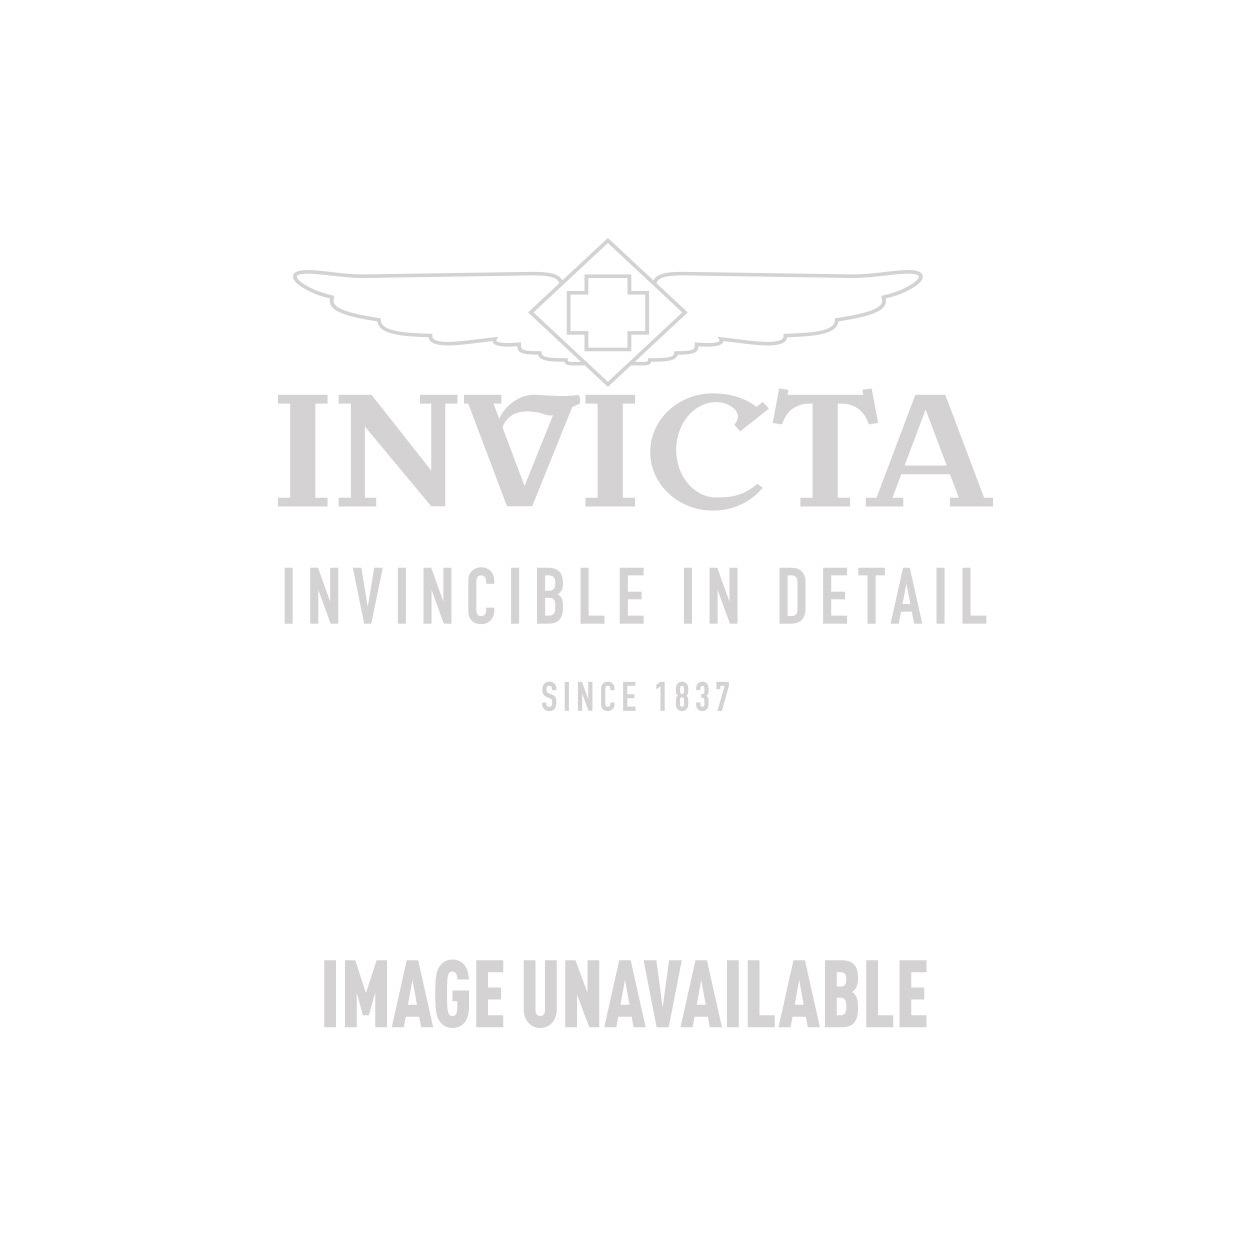 Invicta Model 25064